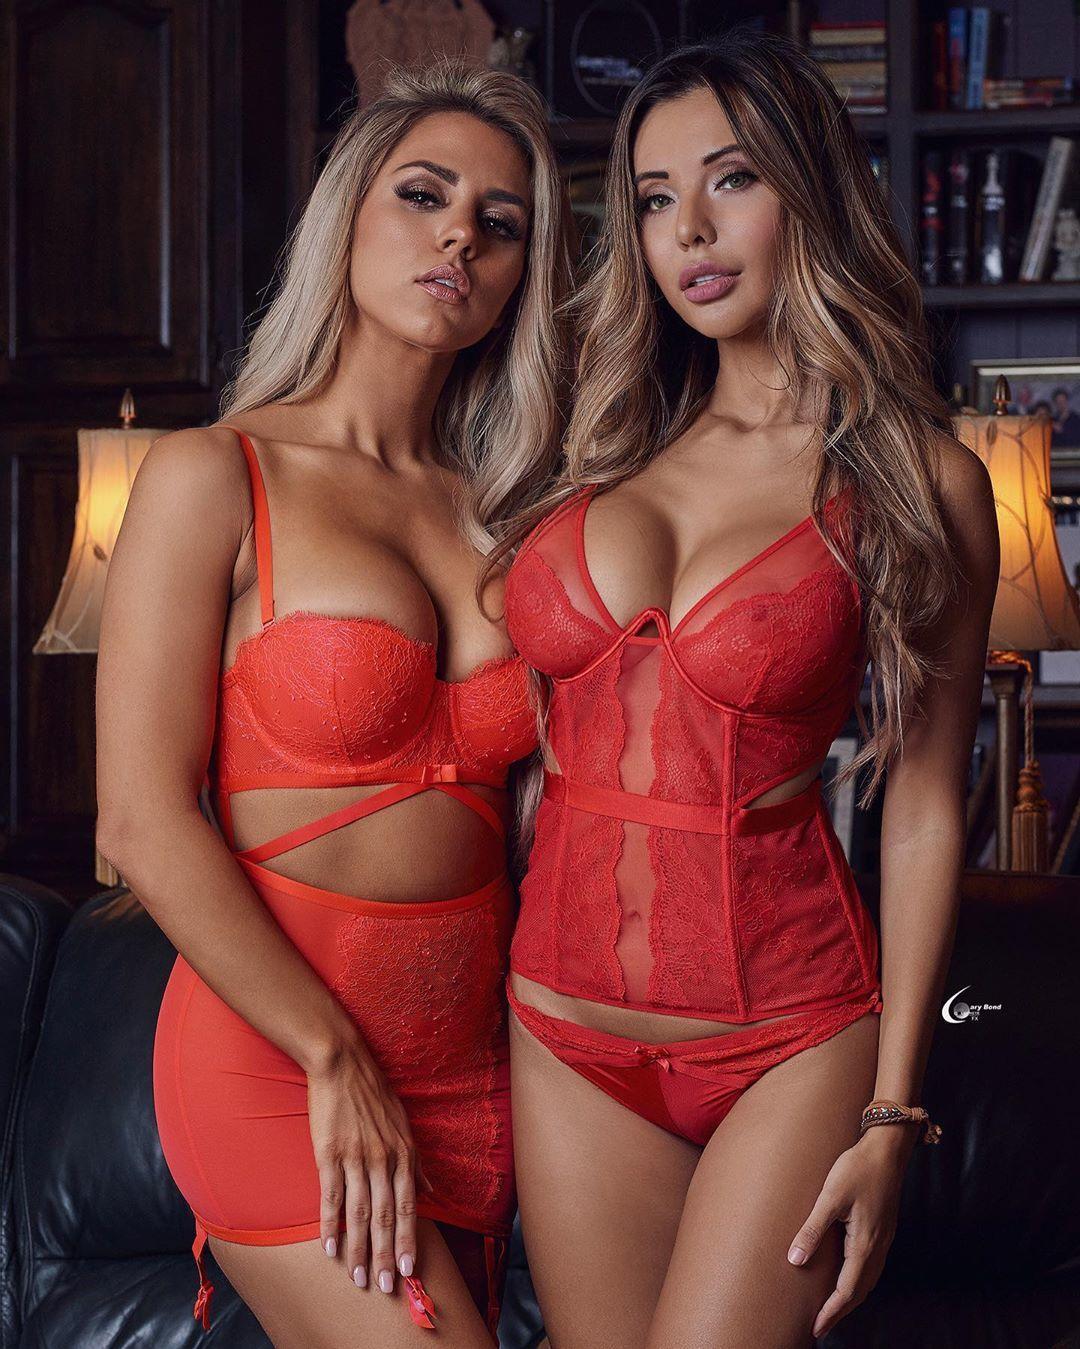 Горячие девочки в красном нижнем белье